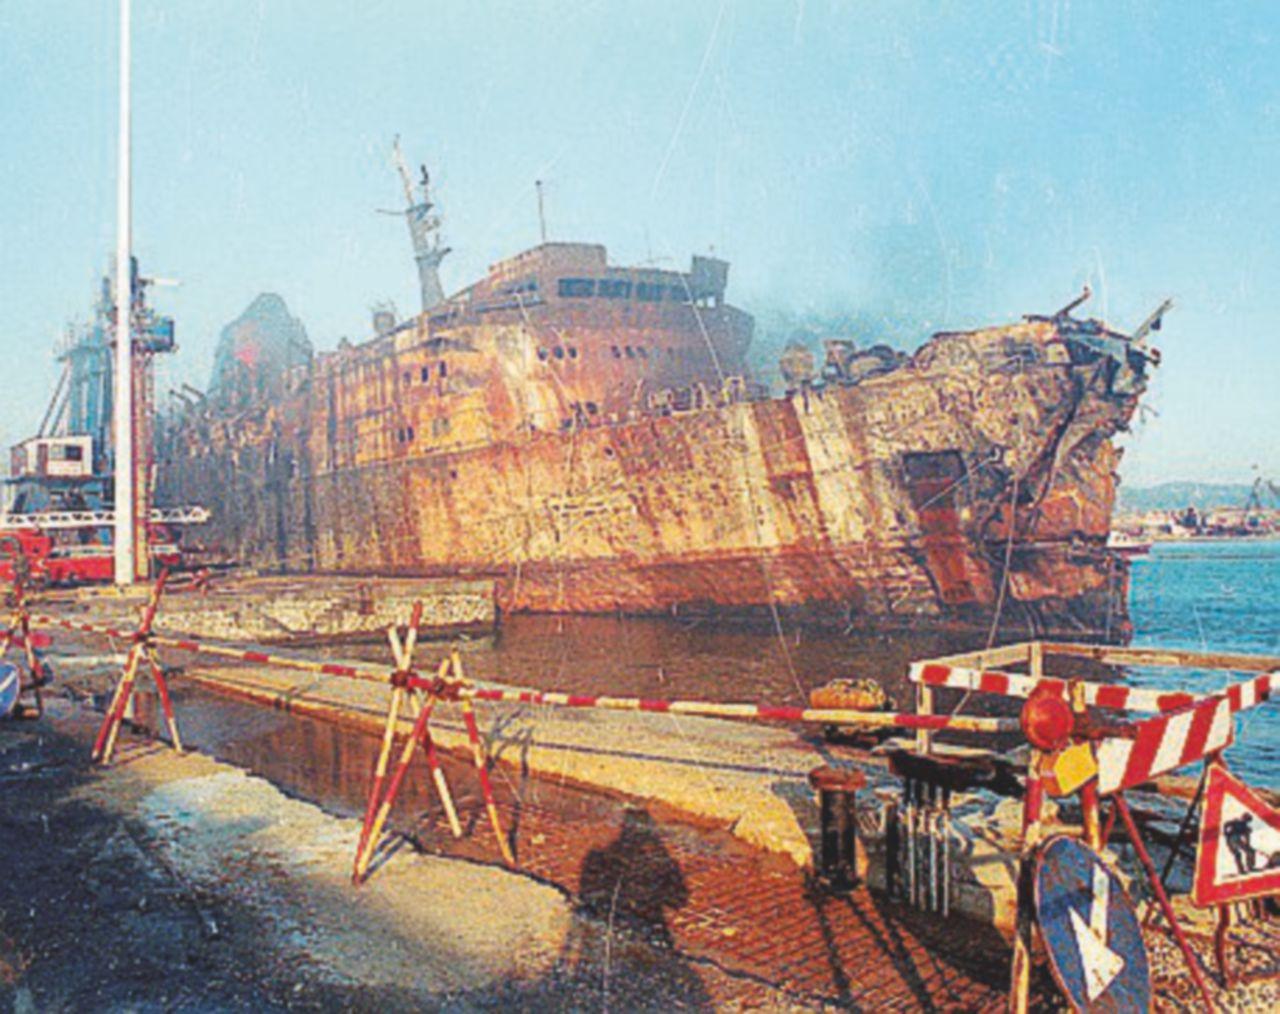 Moby Prince, un'altra inchiesta sul disastro del traghetto e il presunto traffico di scorie